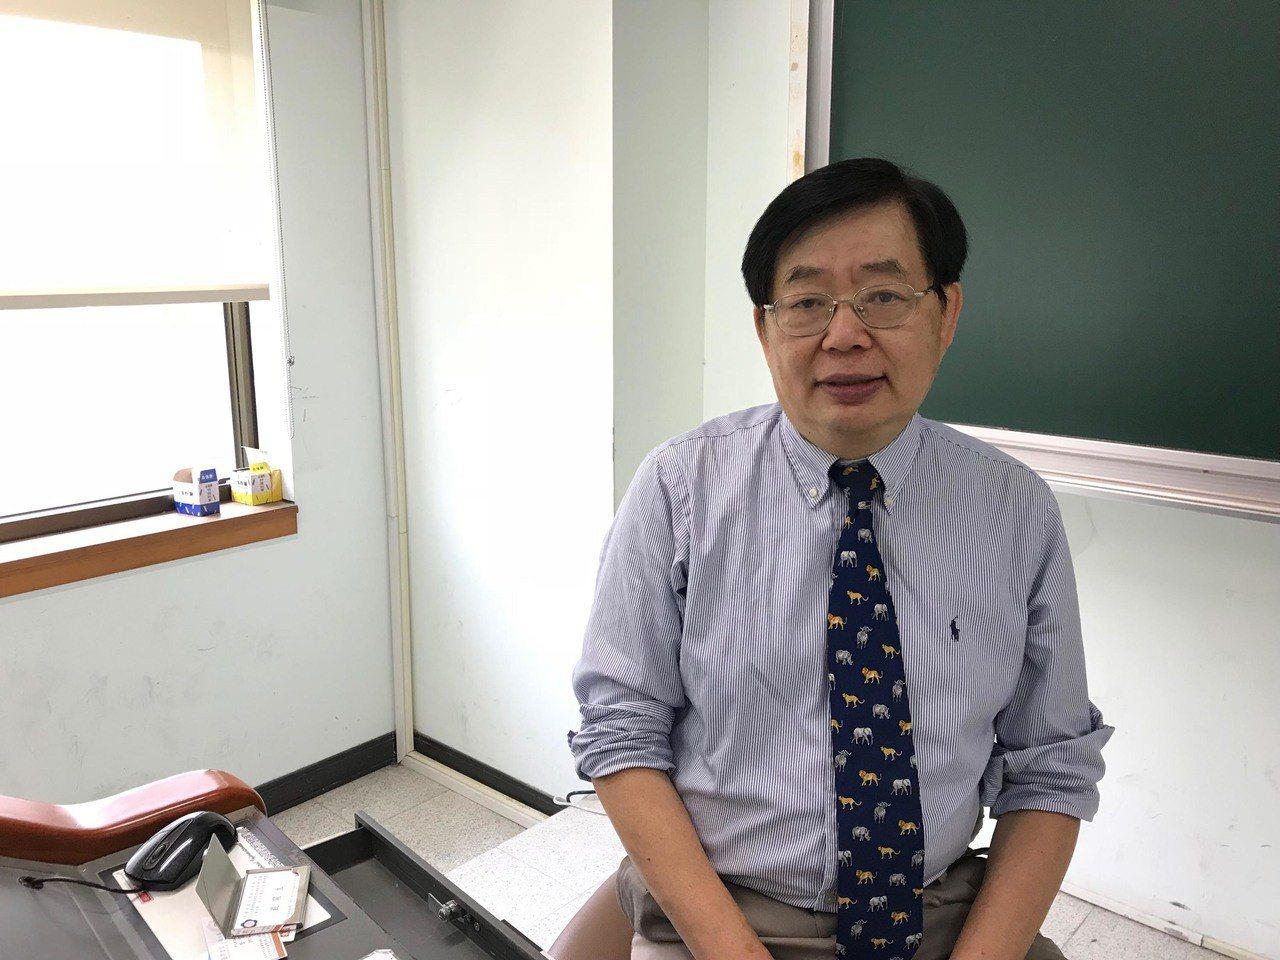 台灣學者嚴震生。 中央社資料照片